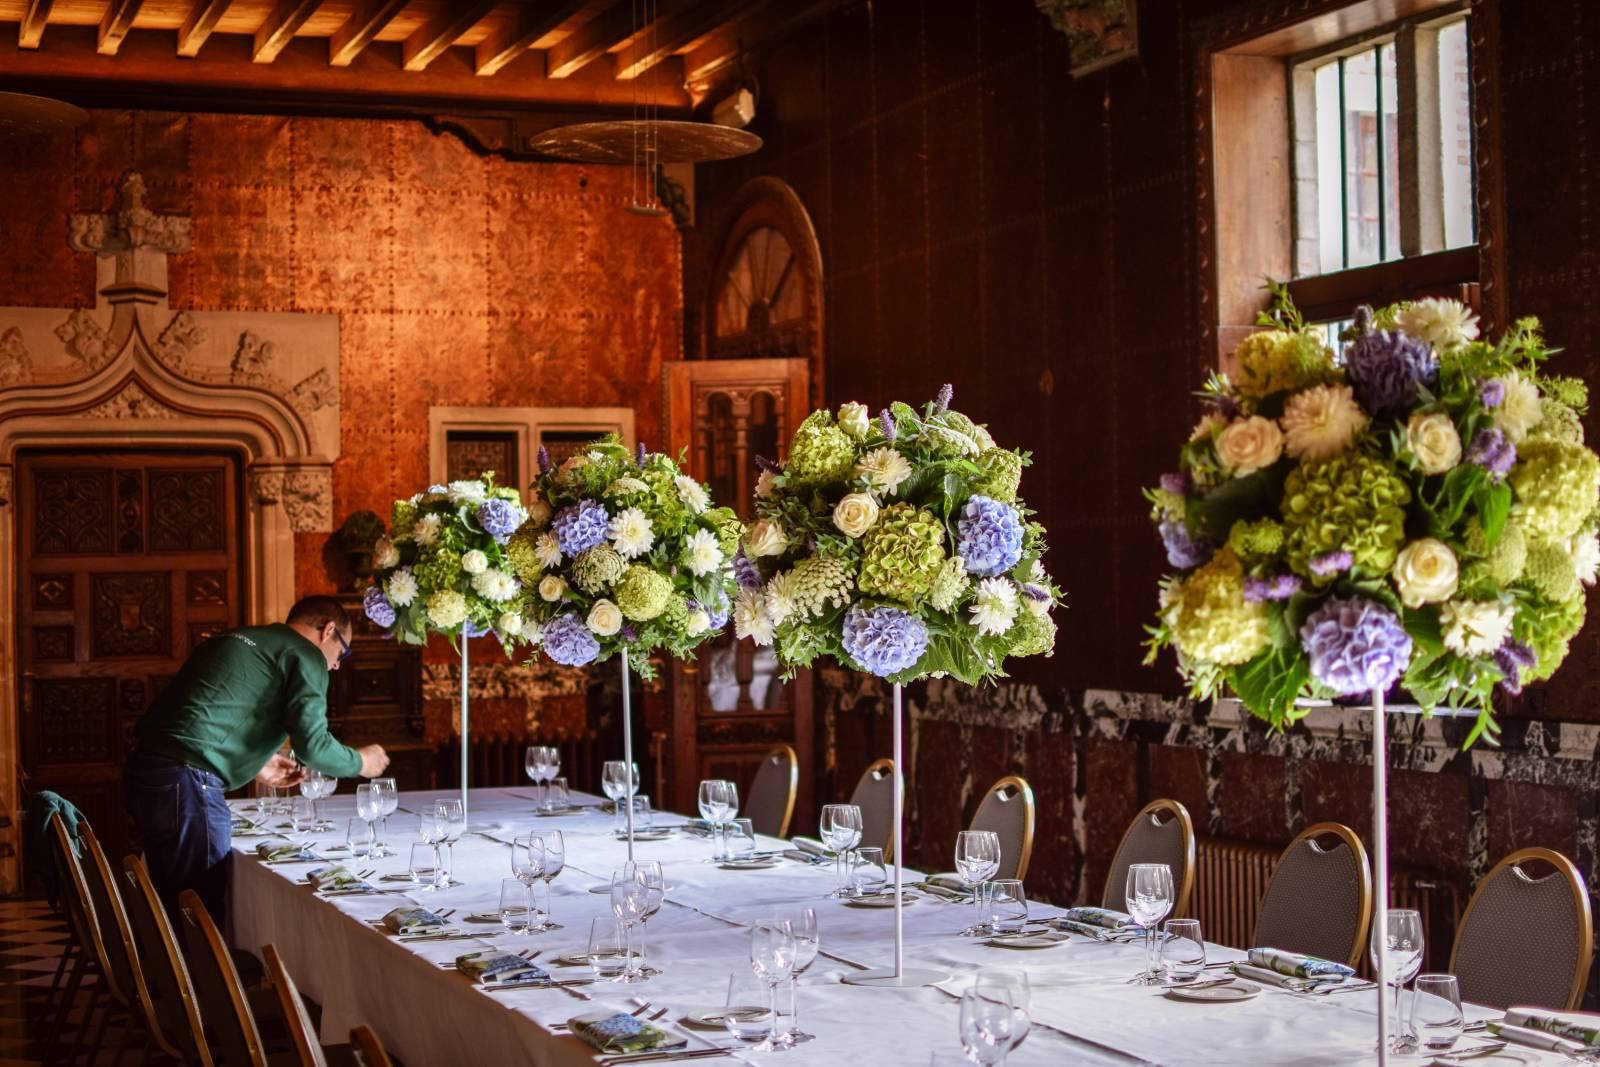 Degroote Bloemen - Bloemist - Bruidsboeket - Bloemen Huwelijk - Trouwen - House of Weddings - 3